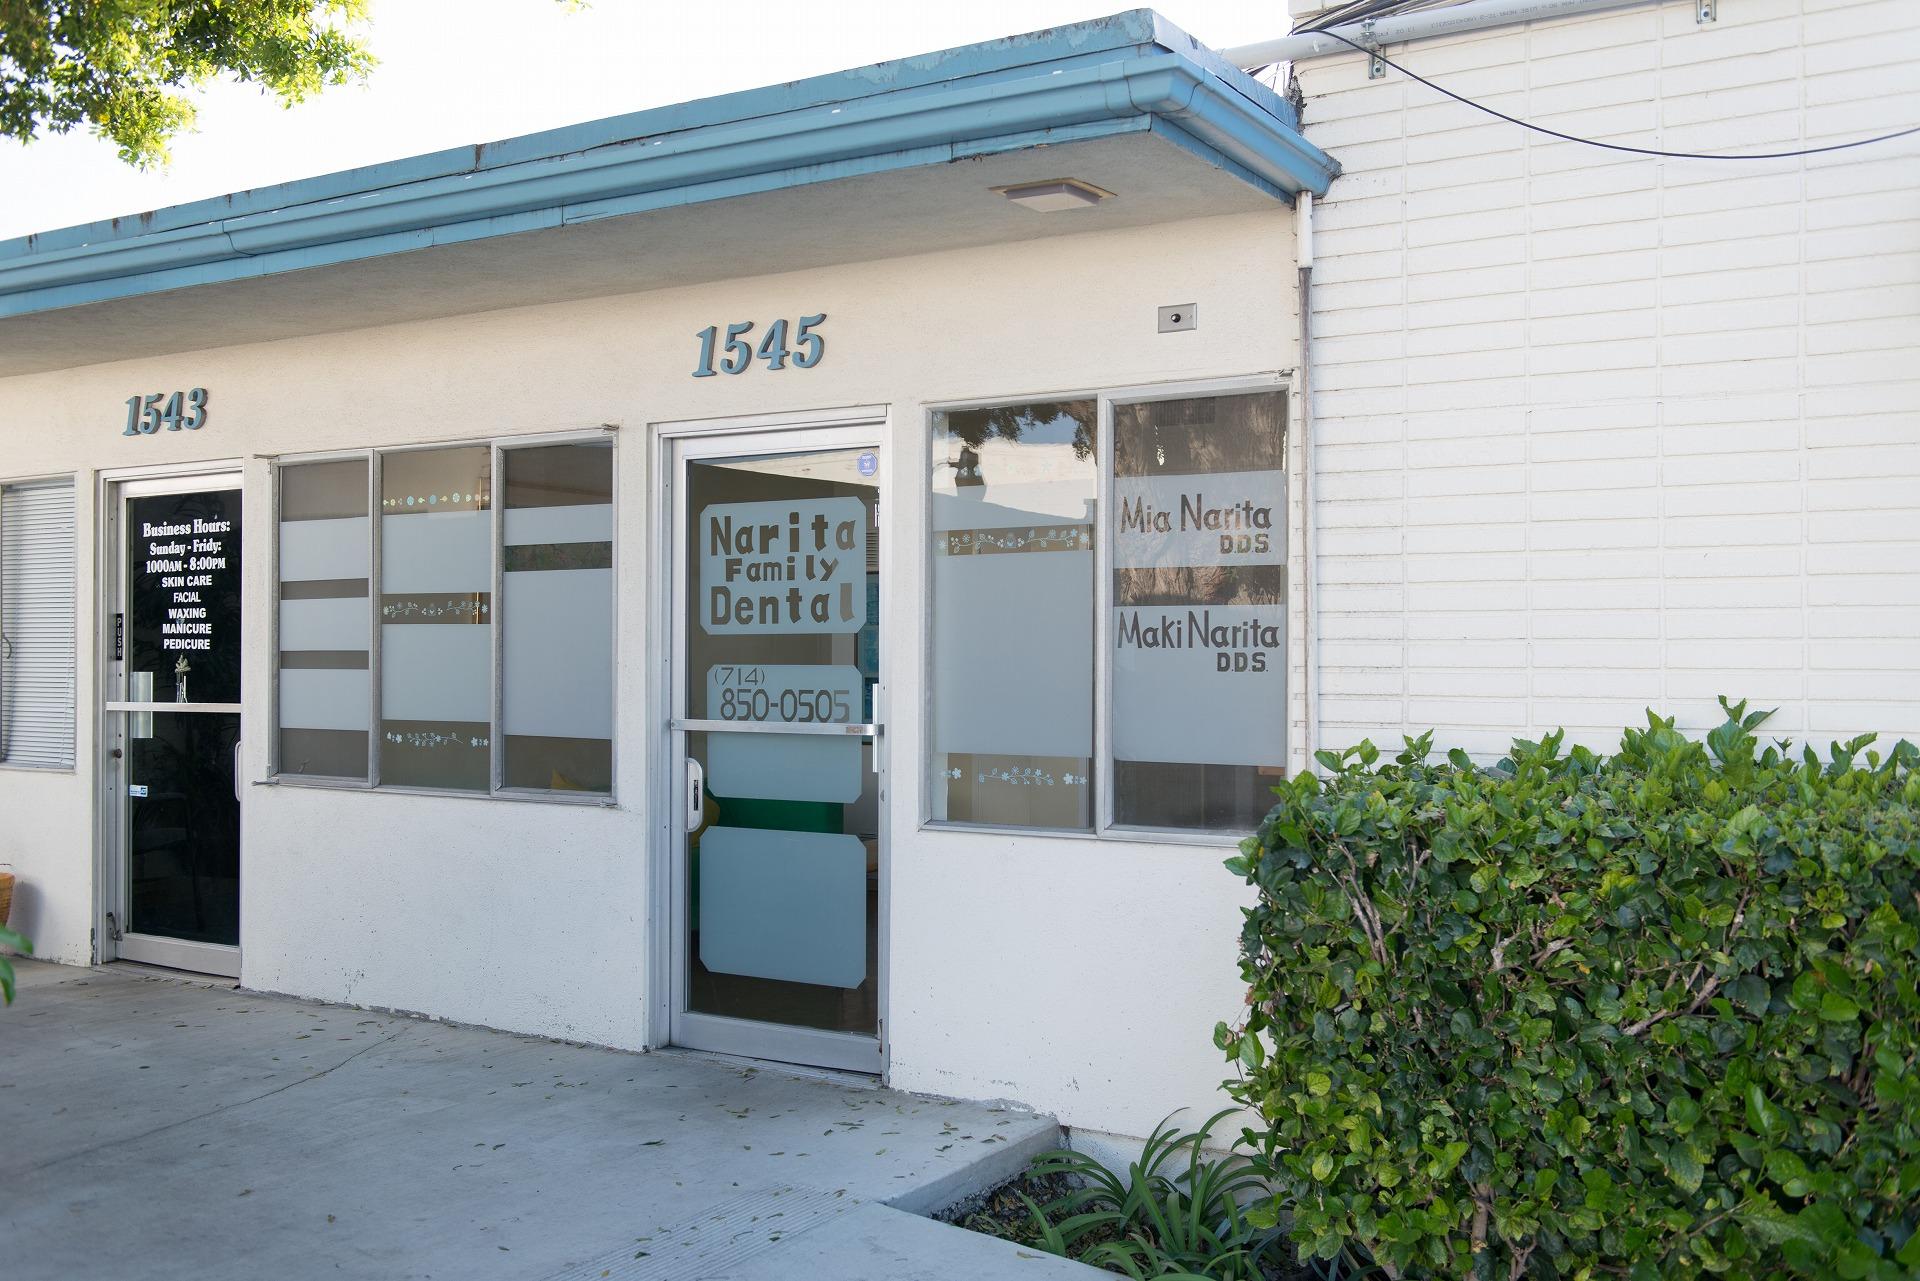 Narita Family Dental - Dentist in Torrance & Costa Mesa, CA